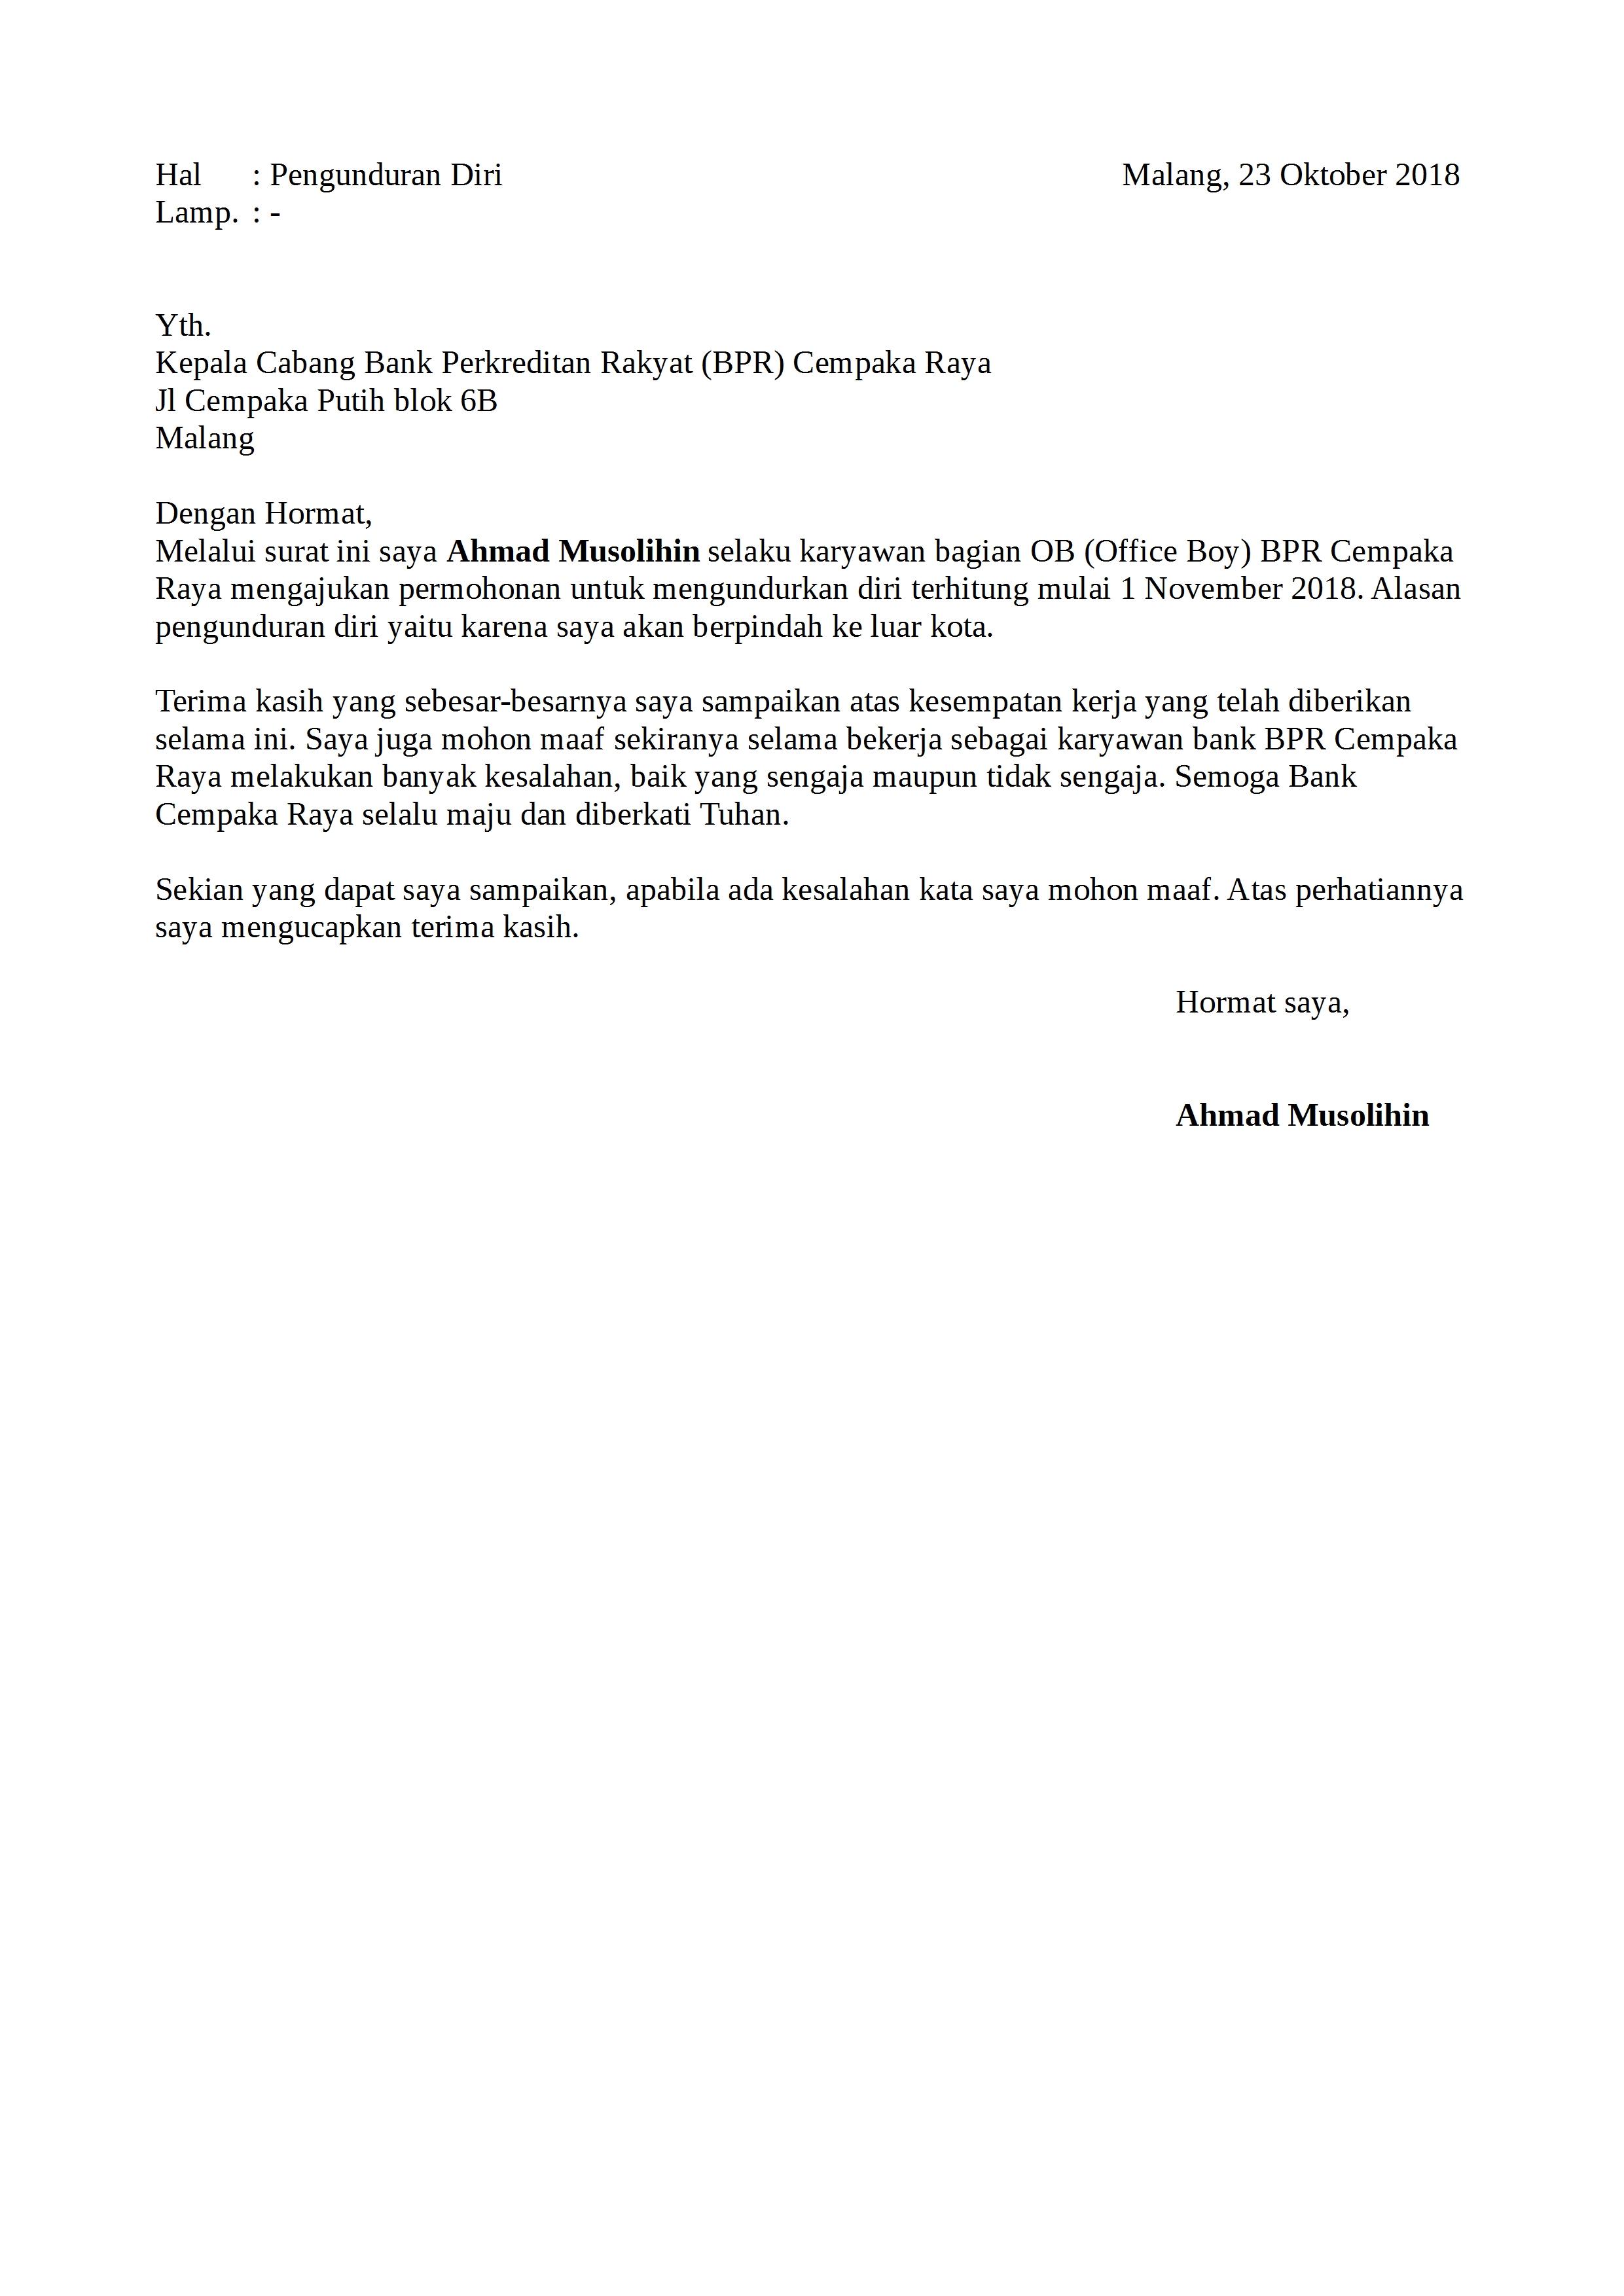 Contoh surat pengunduran diri karyawan hotel / restoran ...